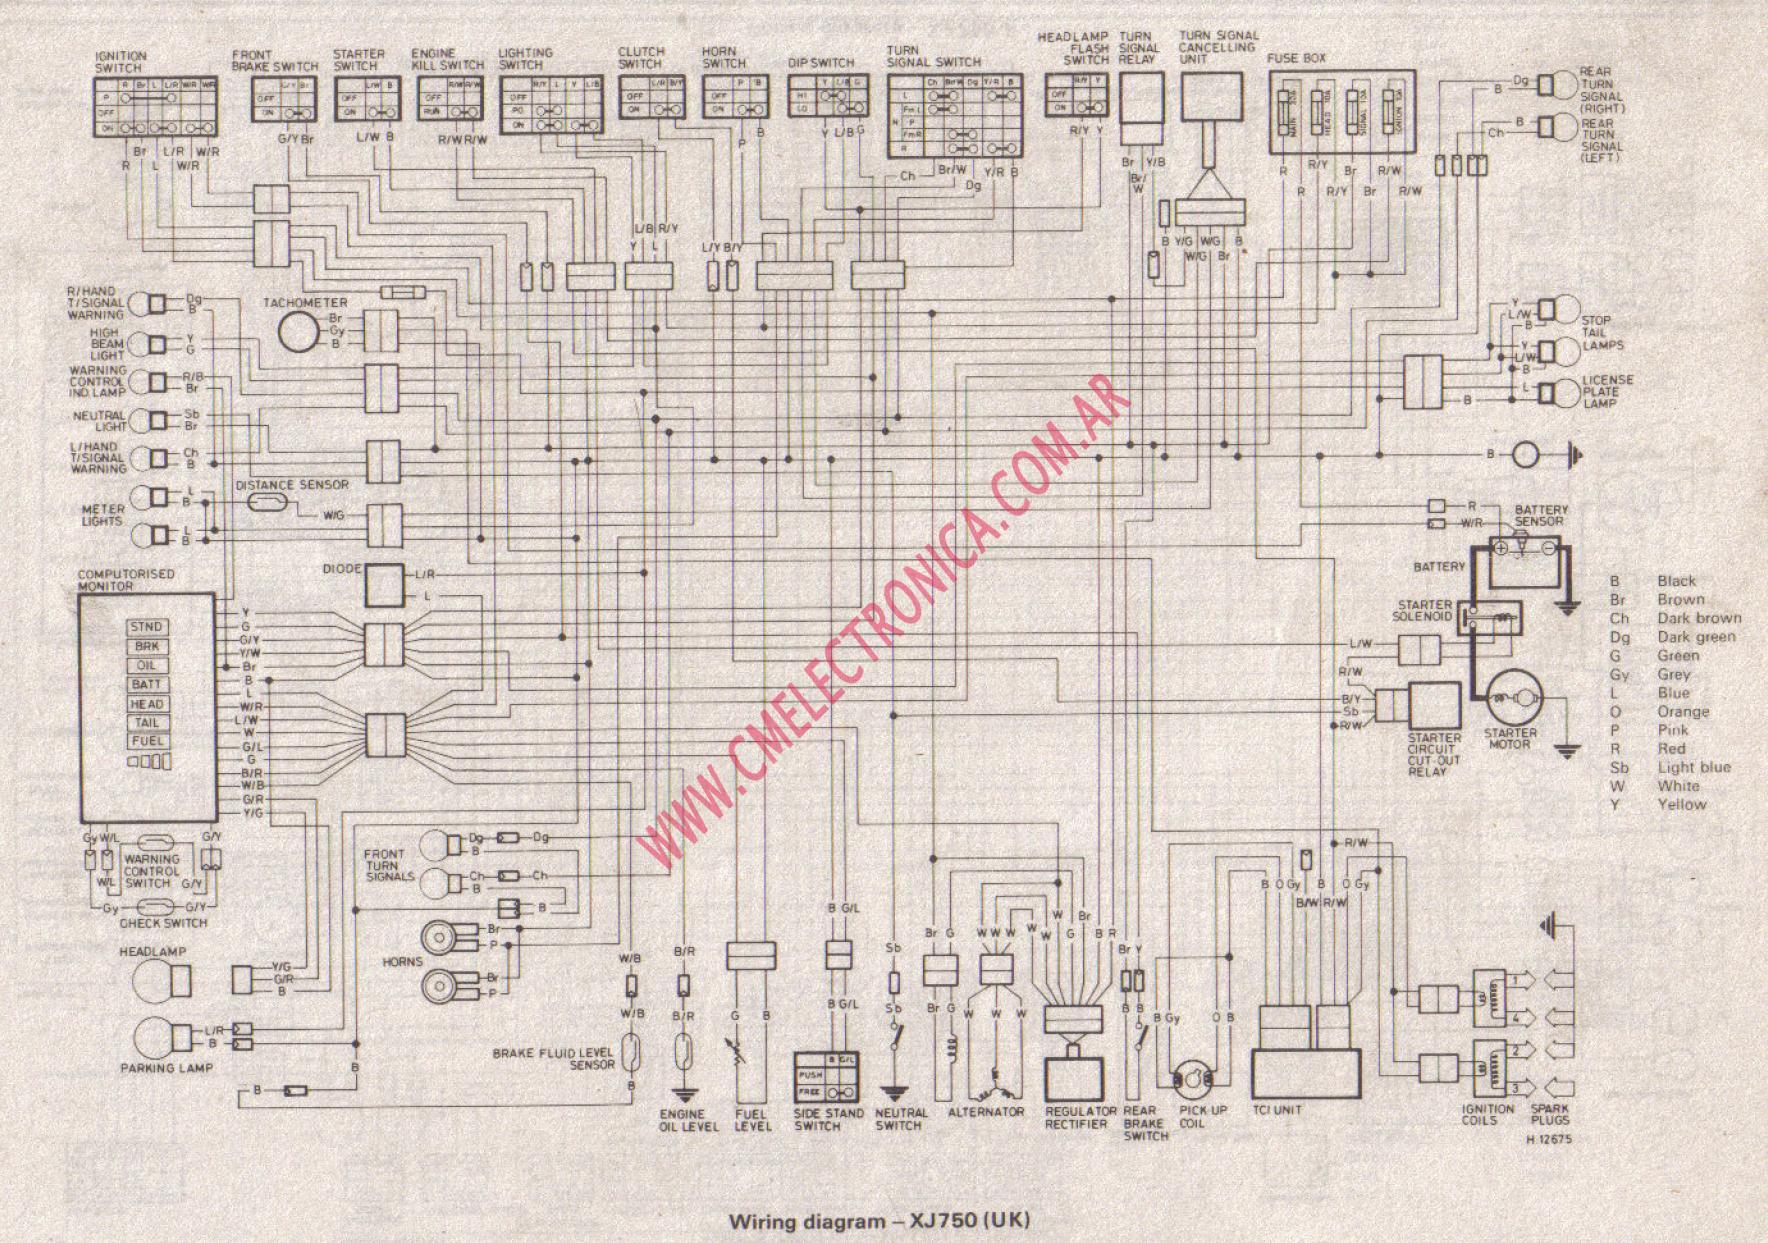 hight resolution of 1983 yamaha xj 750 wire diagram 1983 free engine image 1982 yamaha maxim 750 cafe 1982 xj750 yamaha blue